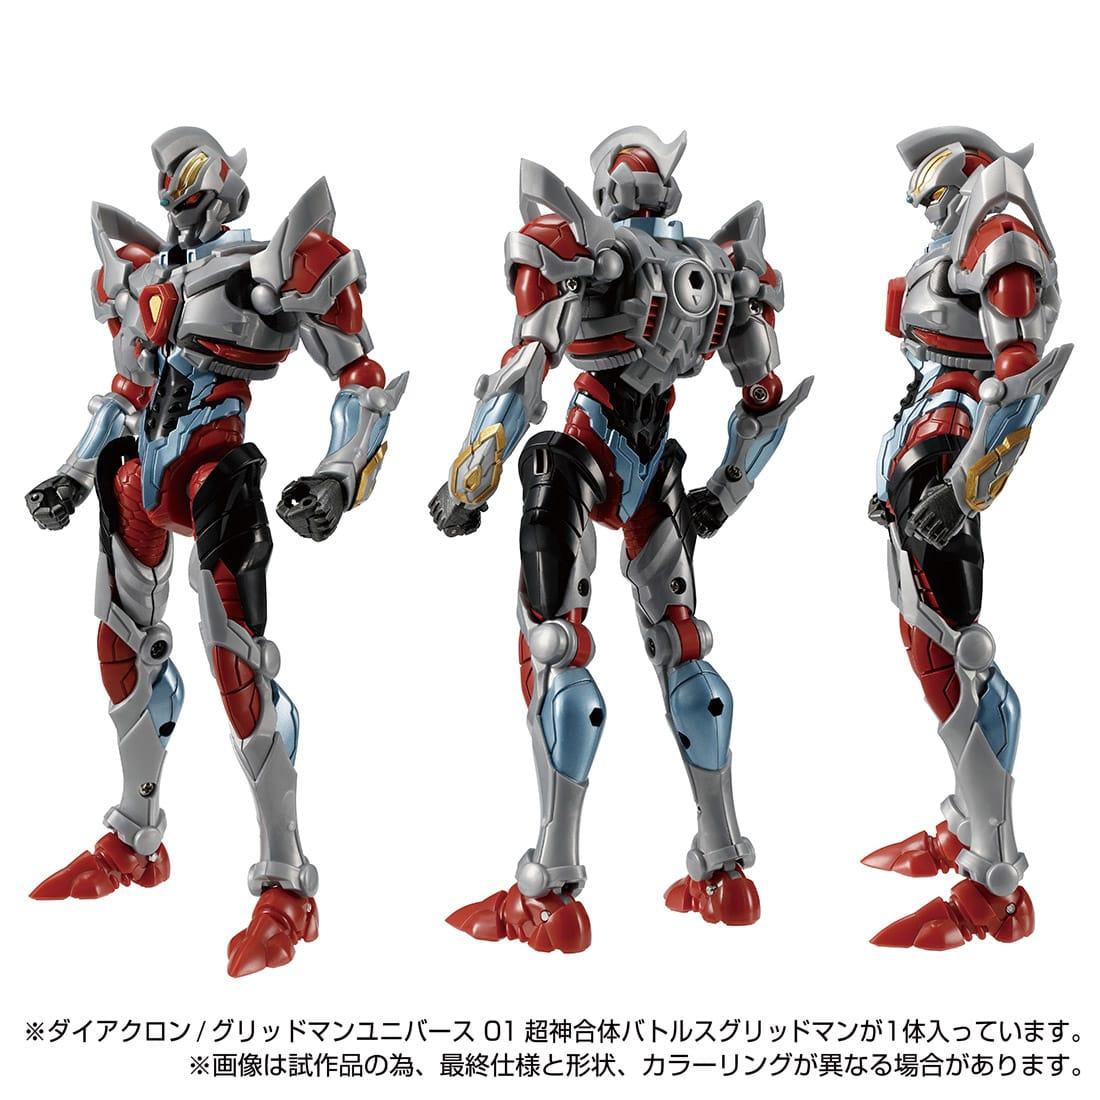 ダイアクロン / グリッドマンユニバース 01『超神合体バトルスグリッドマン』変化合体フィギュア-006